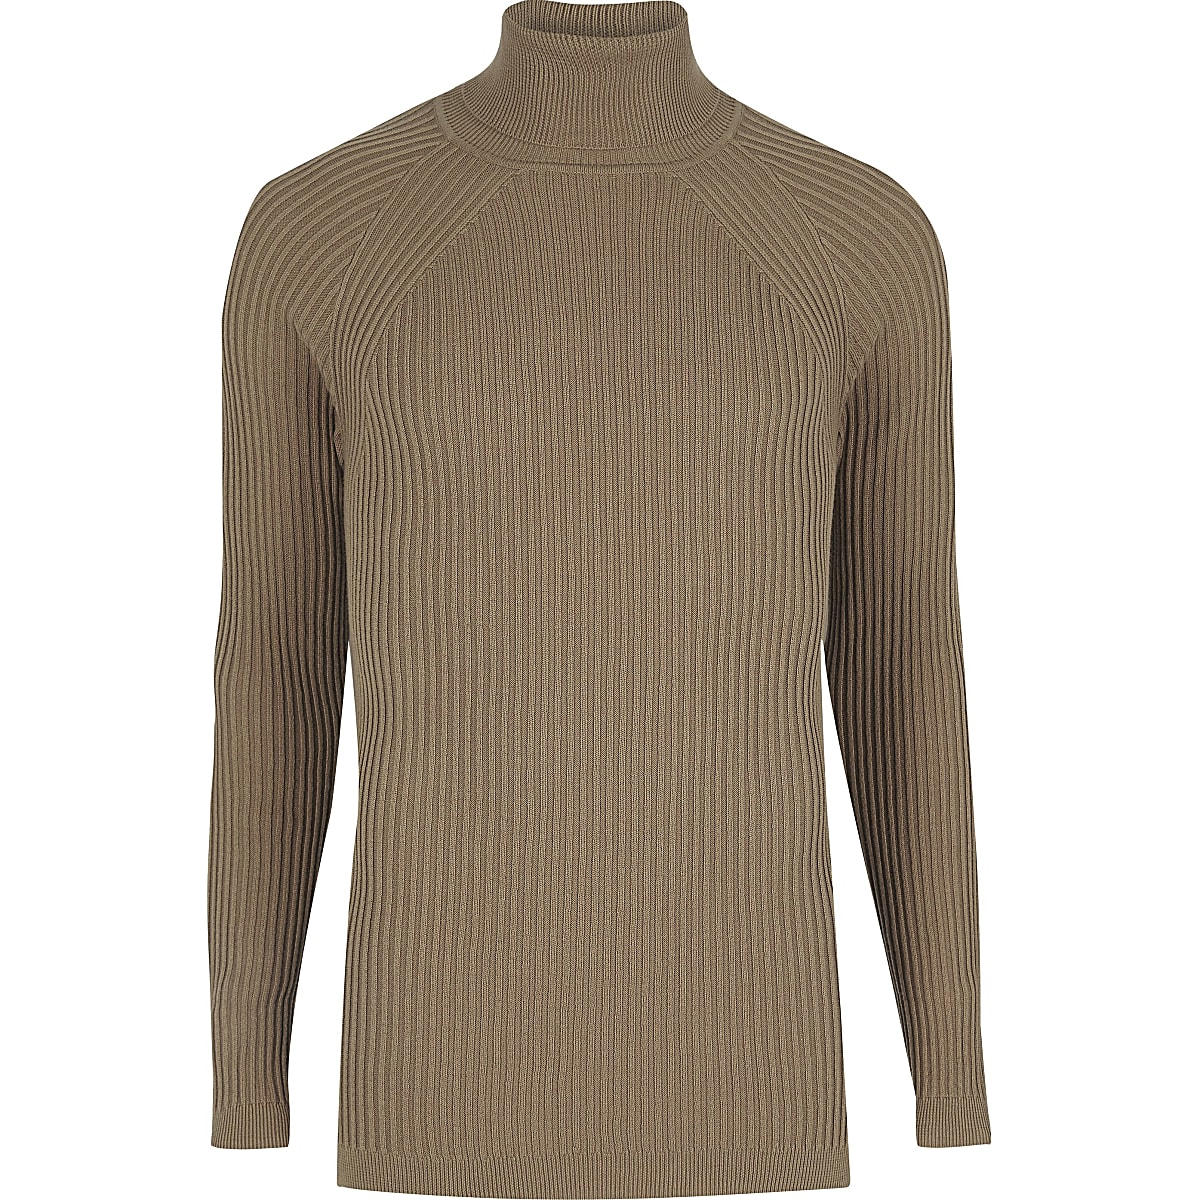 55144edac5102e Light brown slim fit roll neck jumper - Jumpers - Jumpers & Cardigans - men